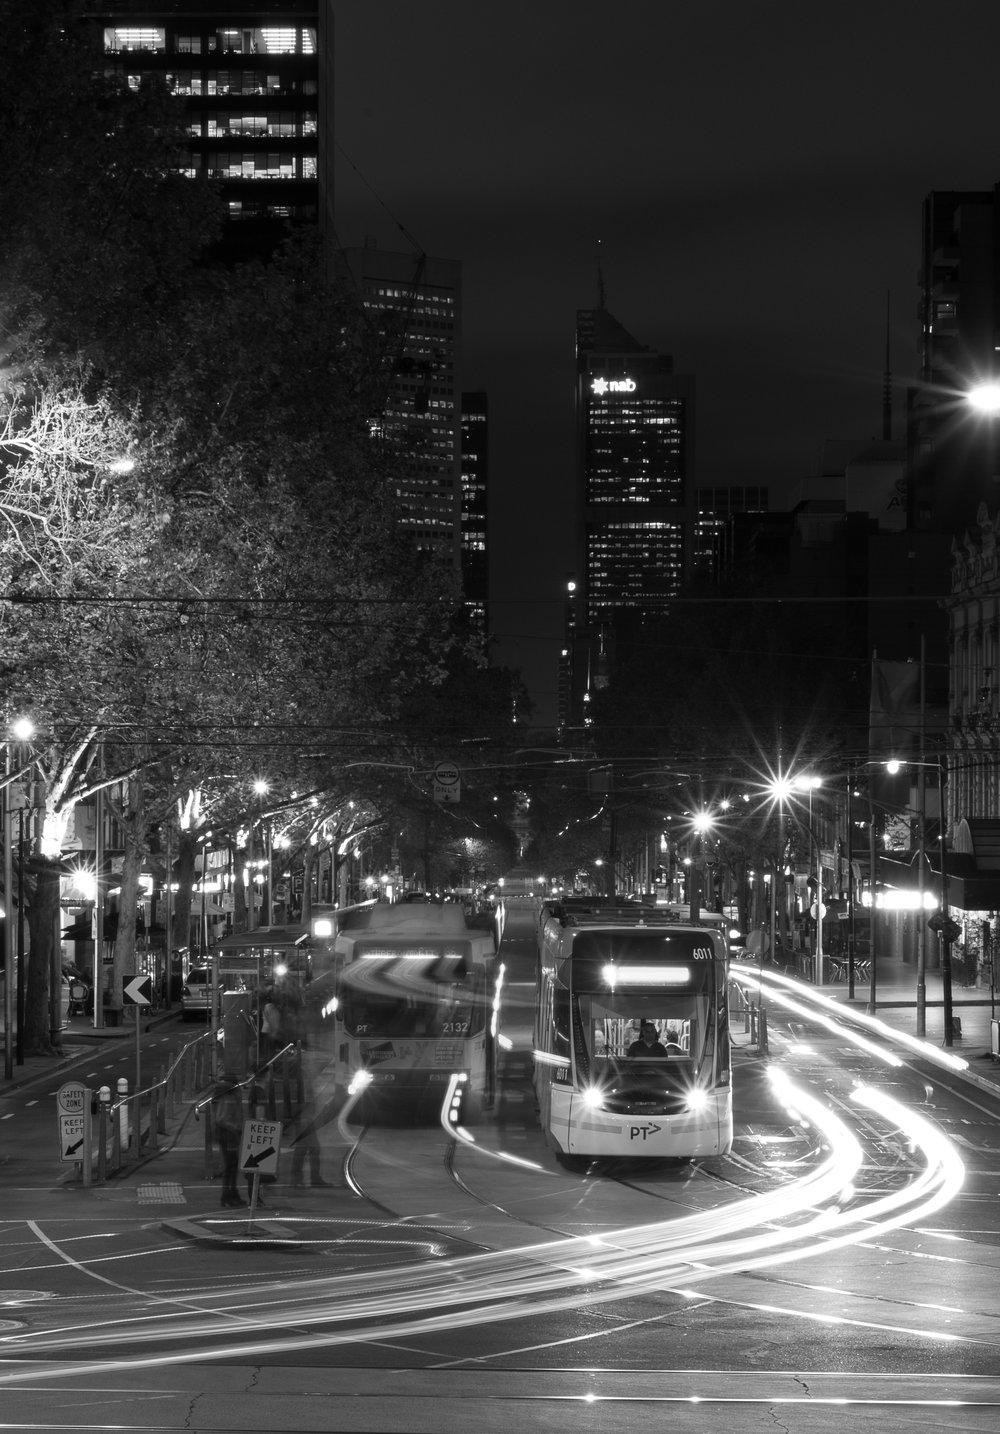 Melbourne's number 96 tram